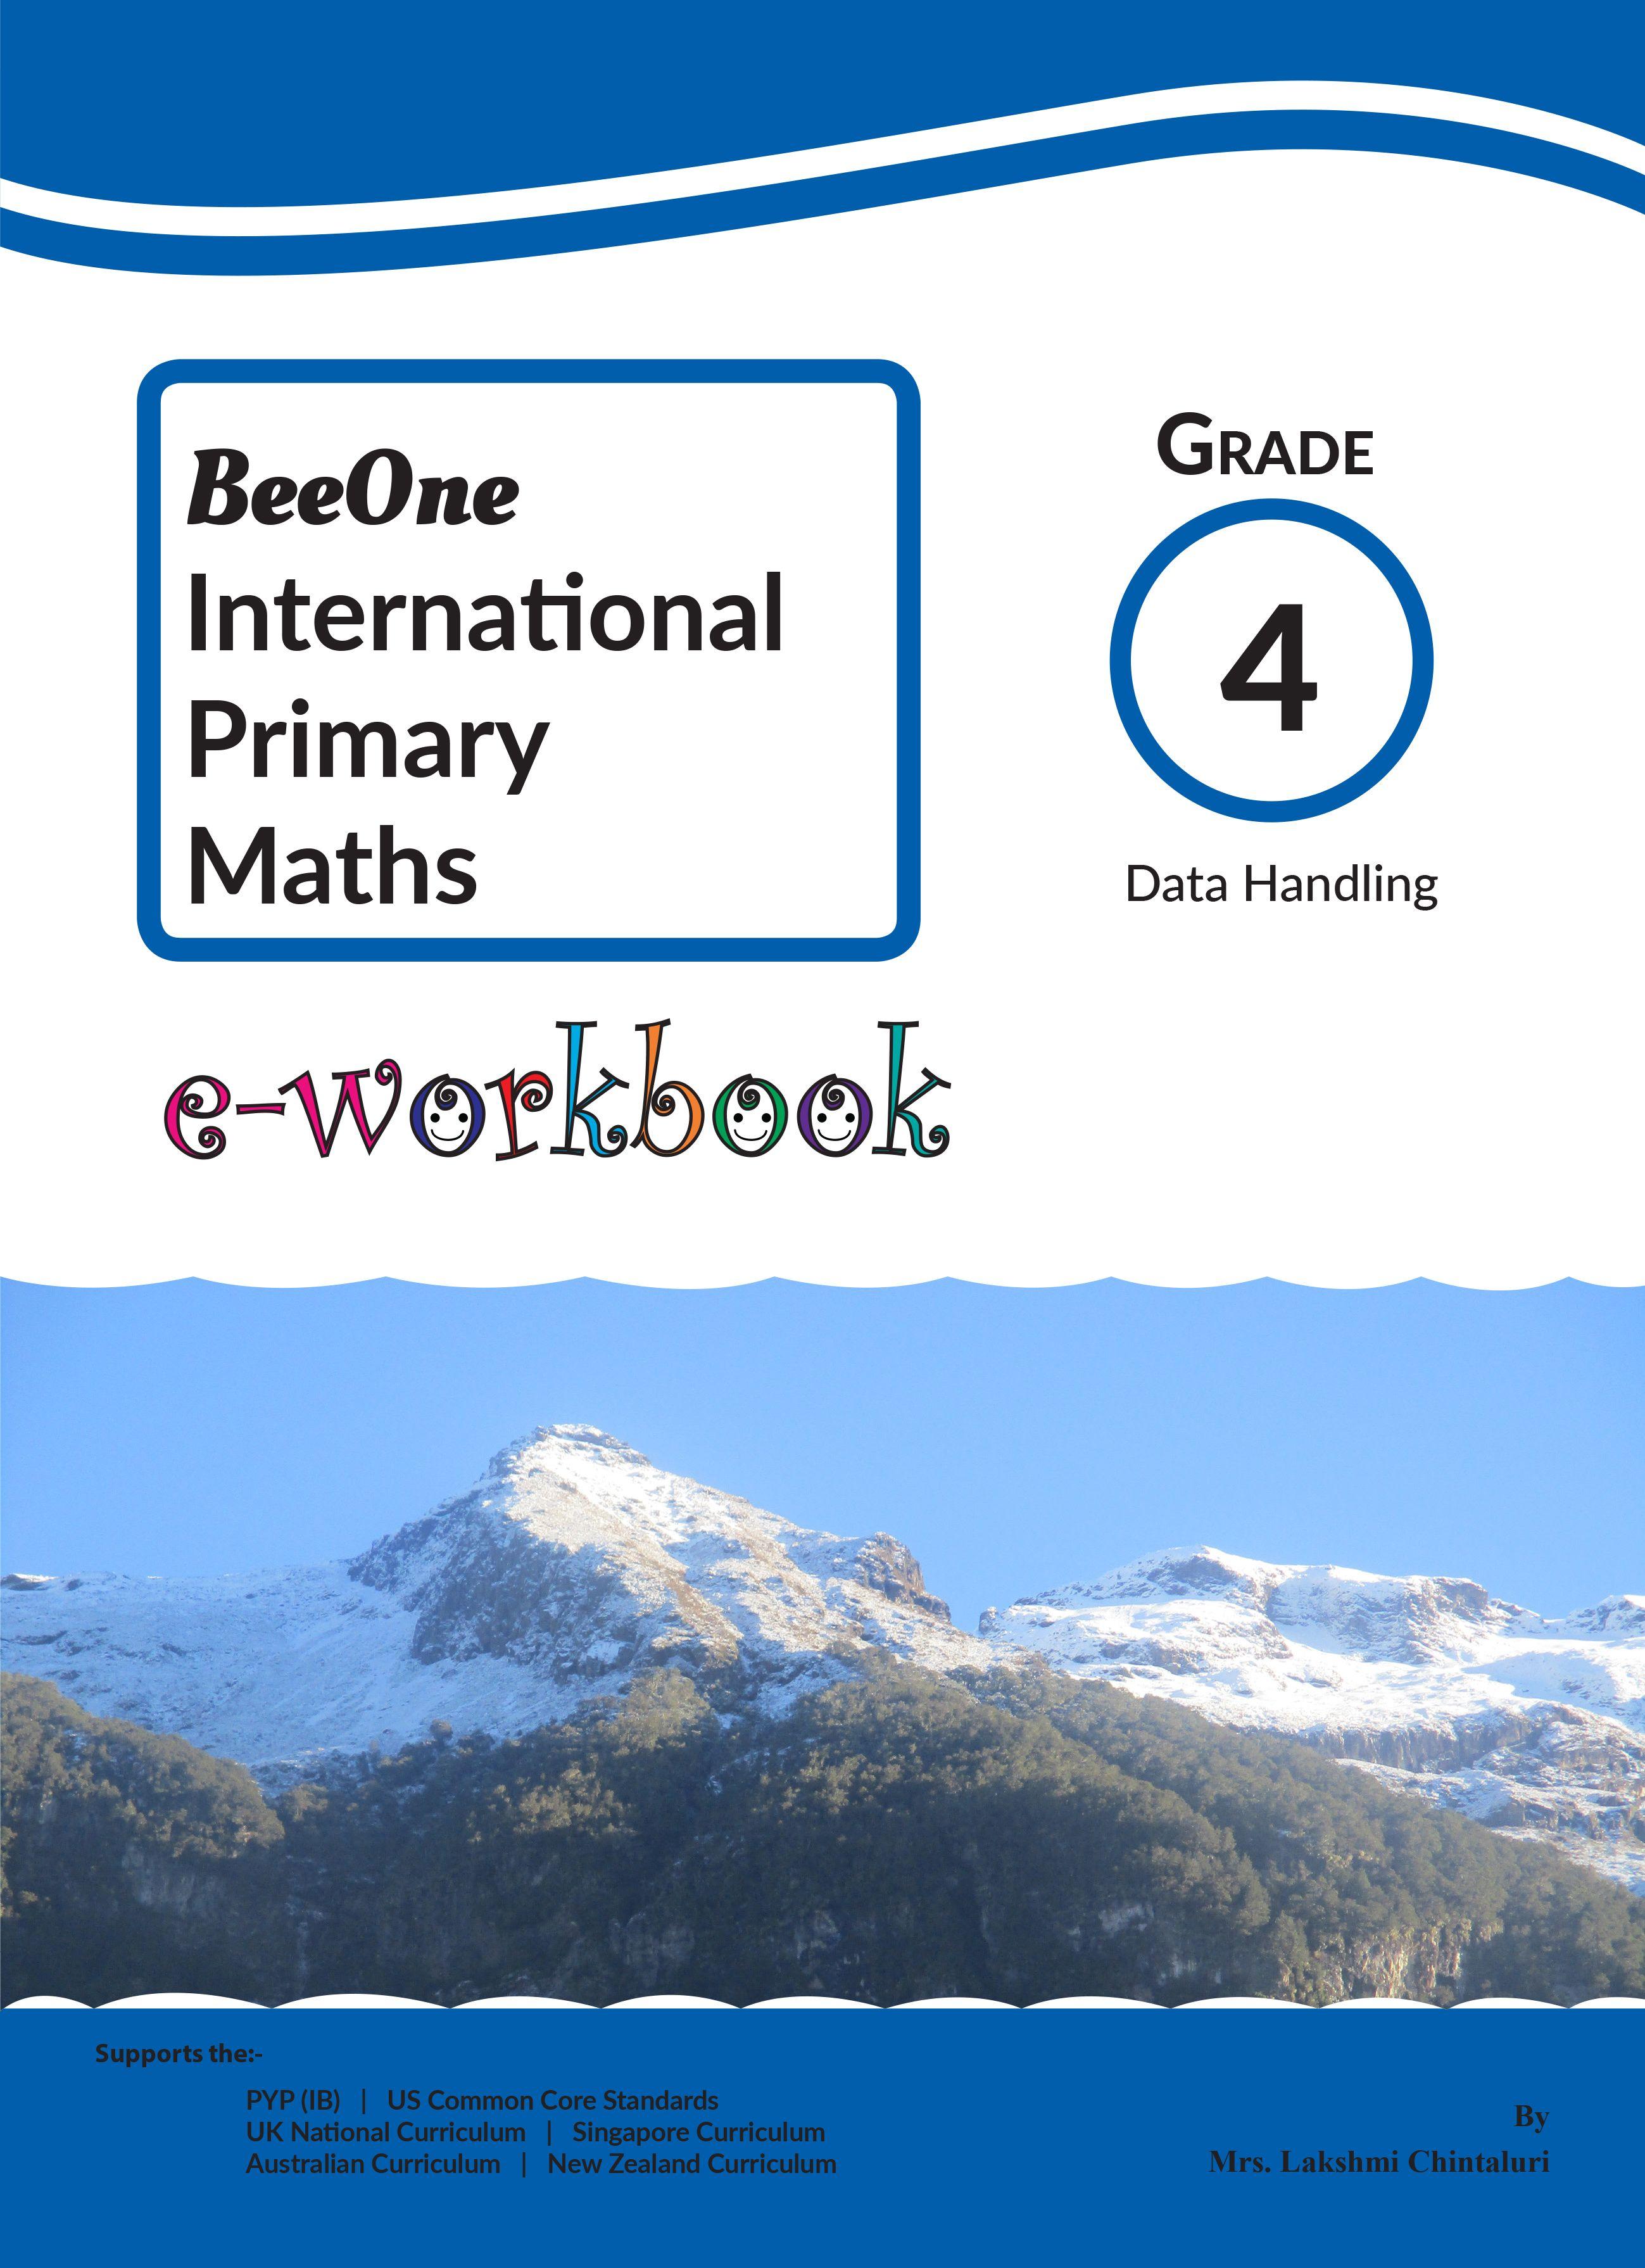 E Workbook For 1 3rd Grade Math 3rd Grade Math Worksheets Workbook [ 3582 x 2598 Pixel ]